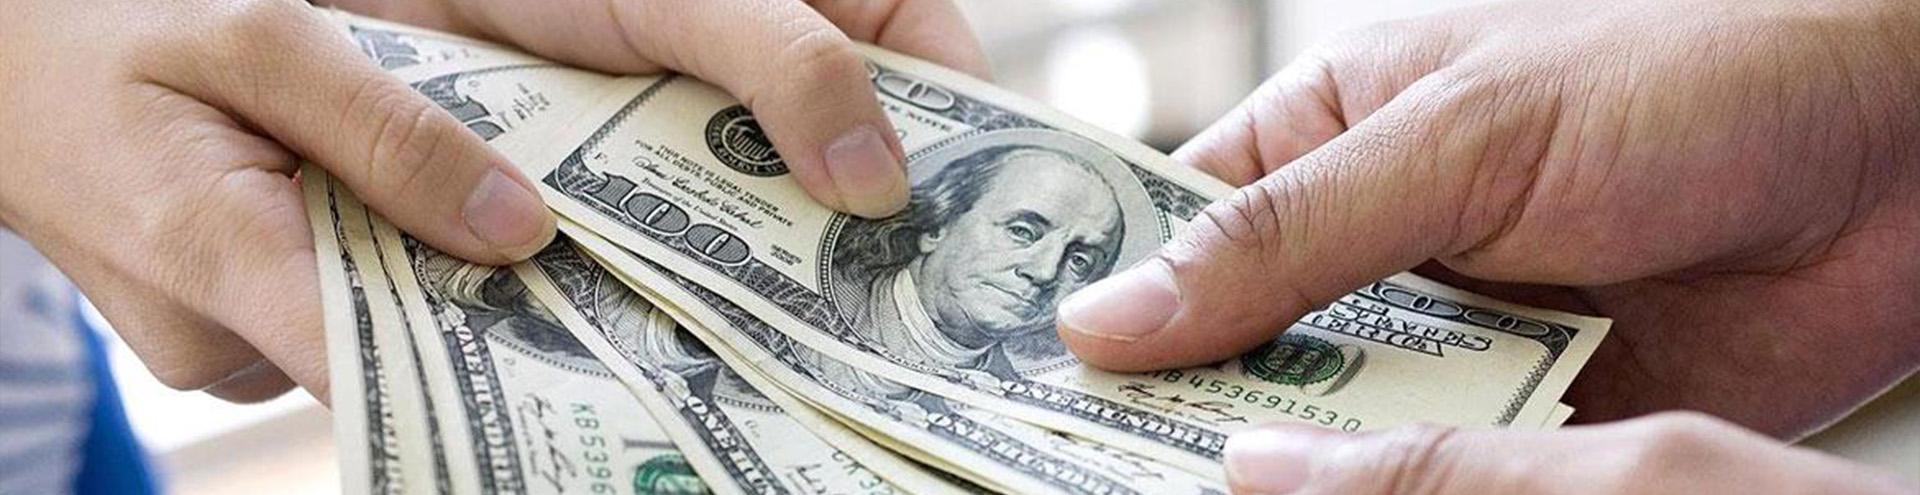 взыскание долга по расписке в Челябинске и Челябинской области